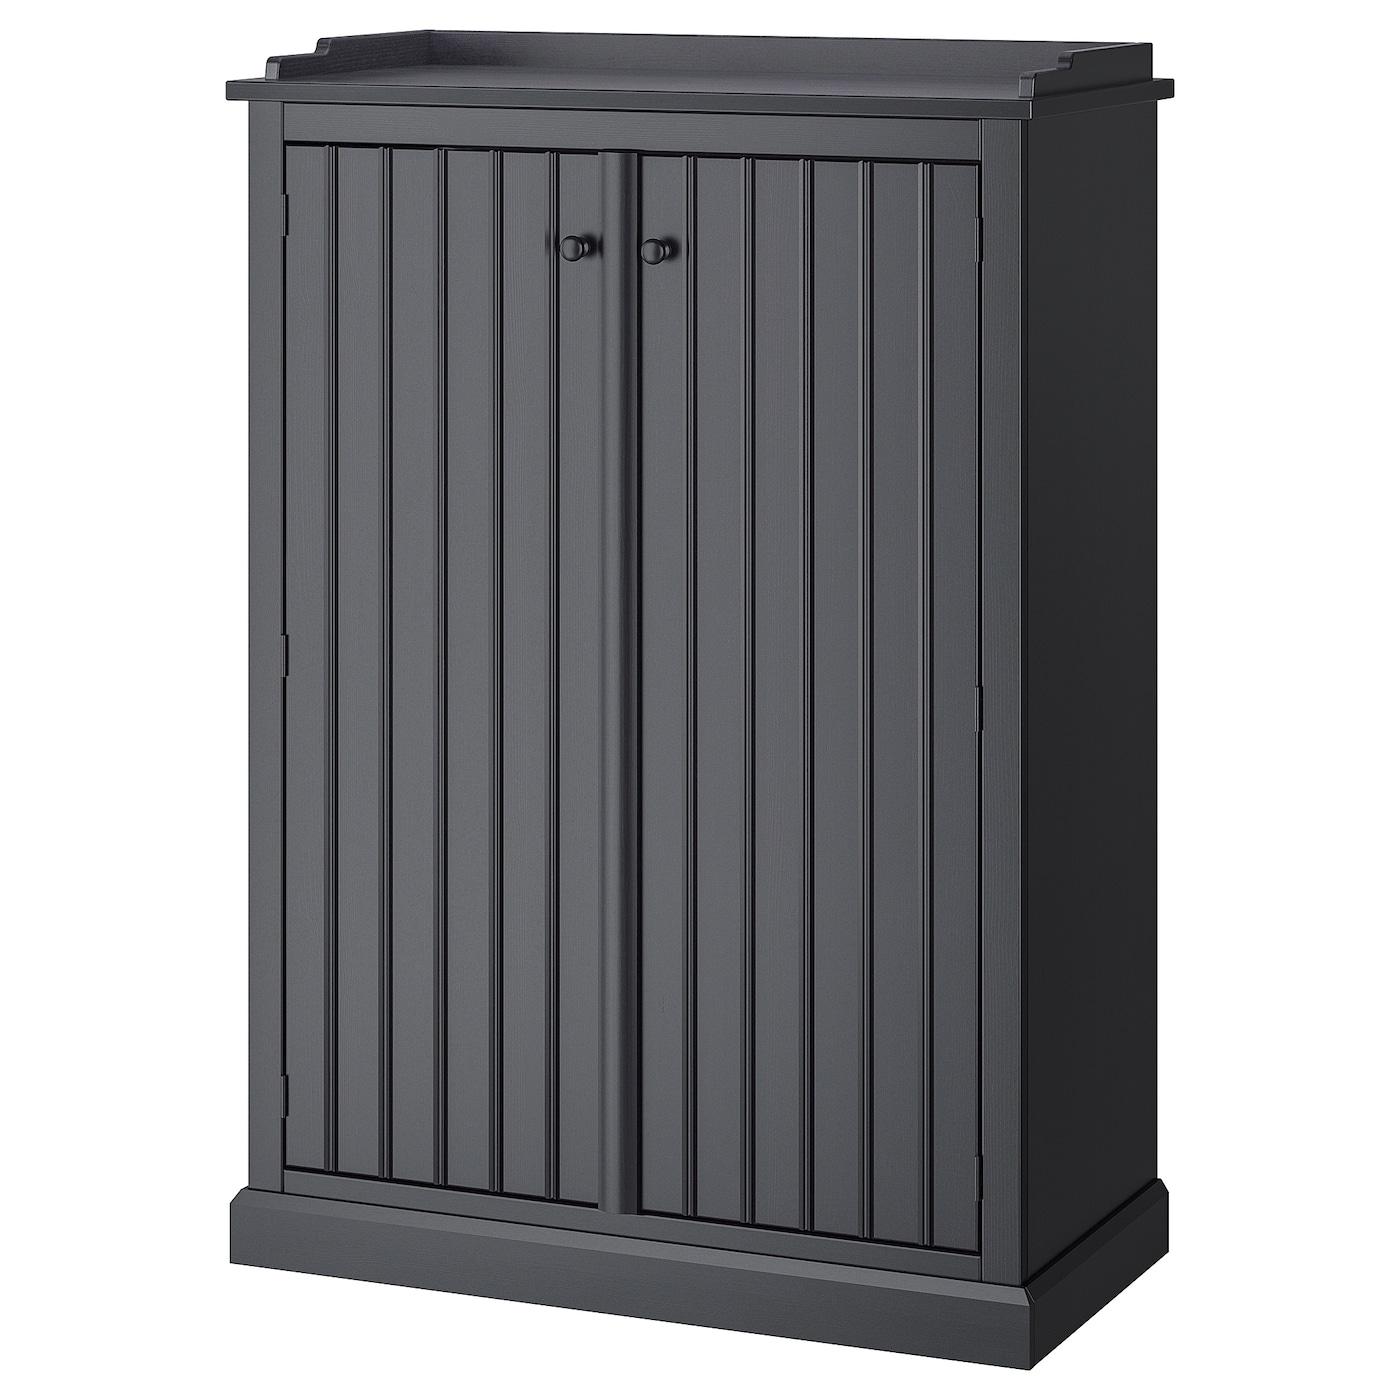 Full Size of Sideboard Ikea Arkelstorp Black Küche Kosten Miniküche Modulküche Sofa Mit Schlaffunktion Arbeitsplatte Wohnzimmer Betten Bei 160x200 Wohnzimmer Sideboard Ikea